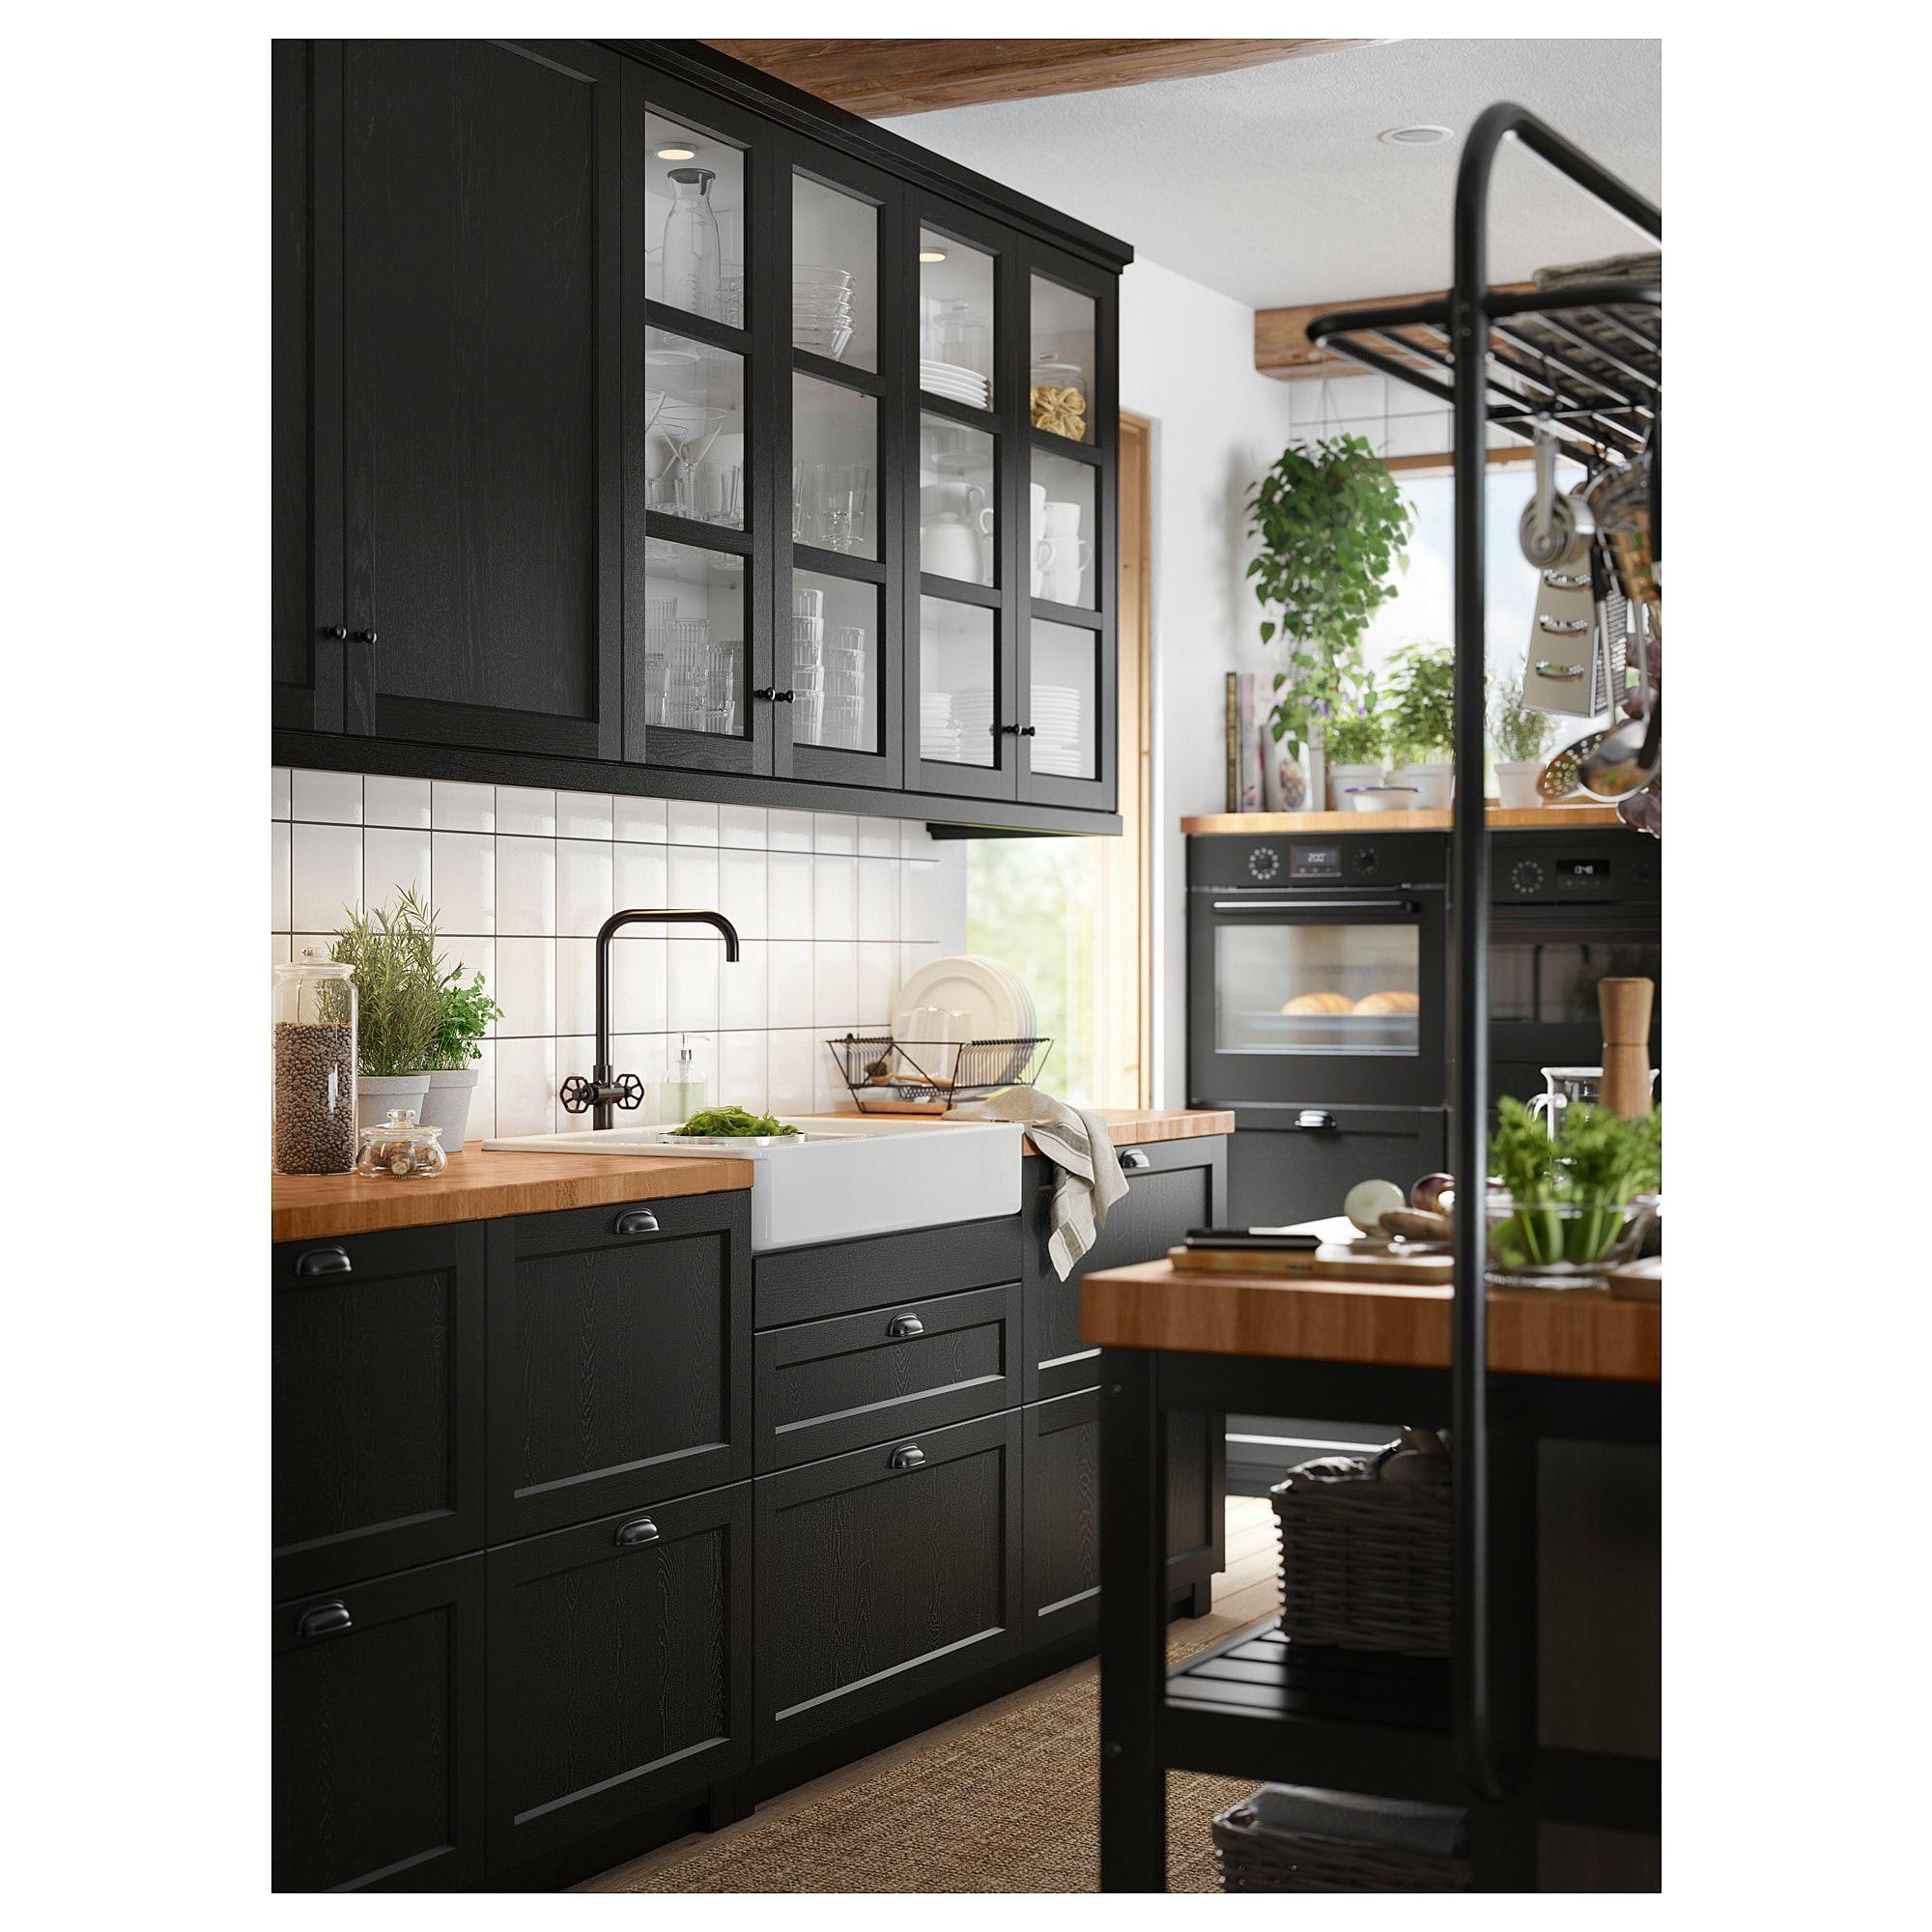 Skogsa Countertop Oak Veneer 98x1 1 2 249x3 8 Cm Kyllingdesign Moderne Kjokken Ikea Kjokken Ideer